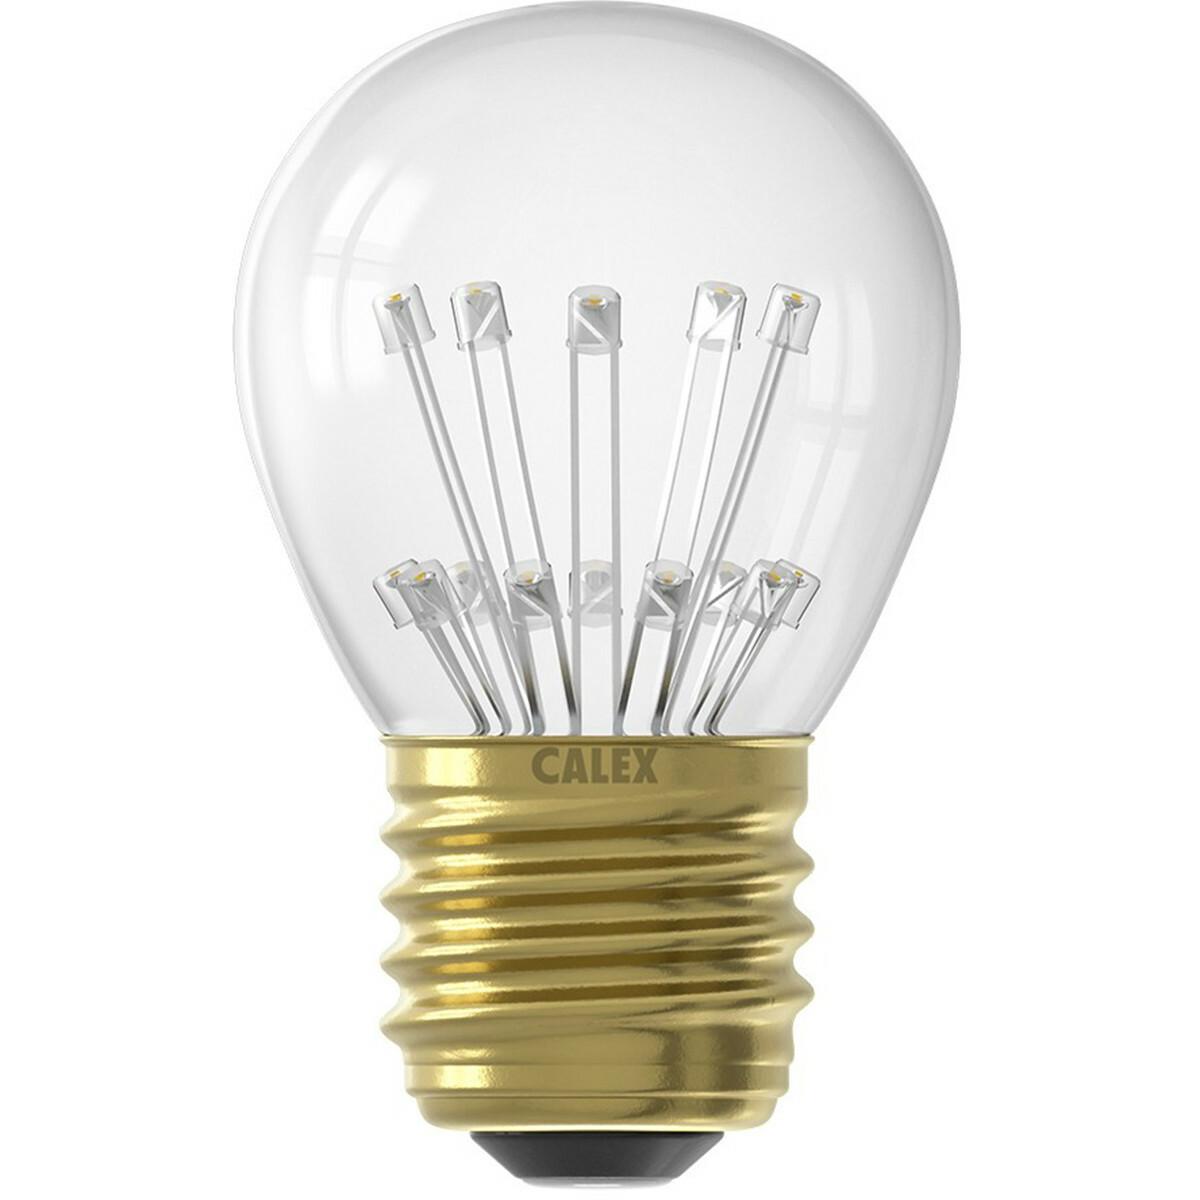 CALEX LED lamp